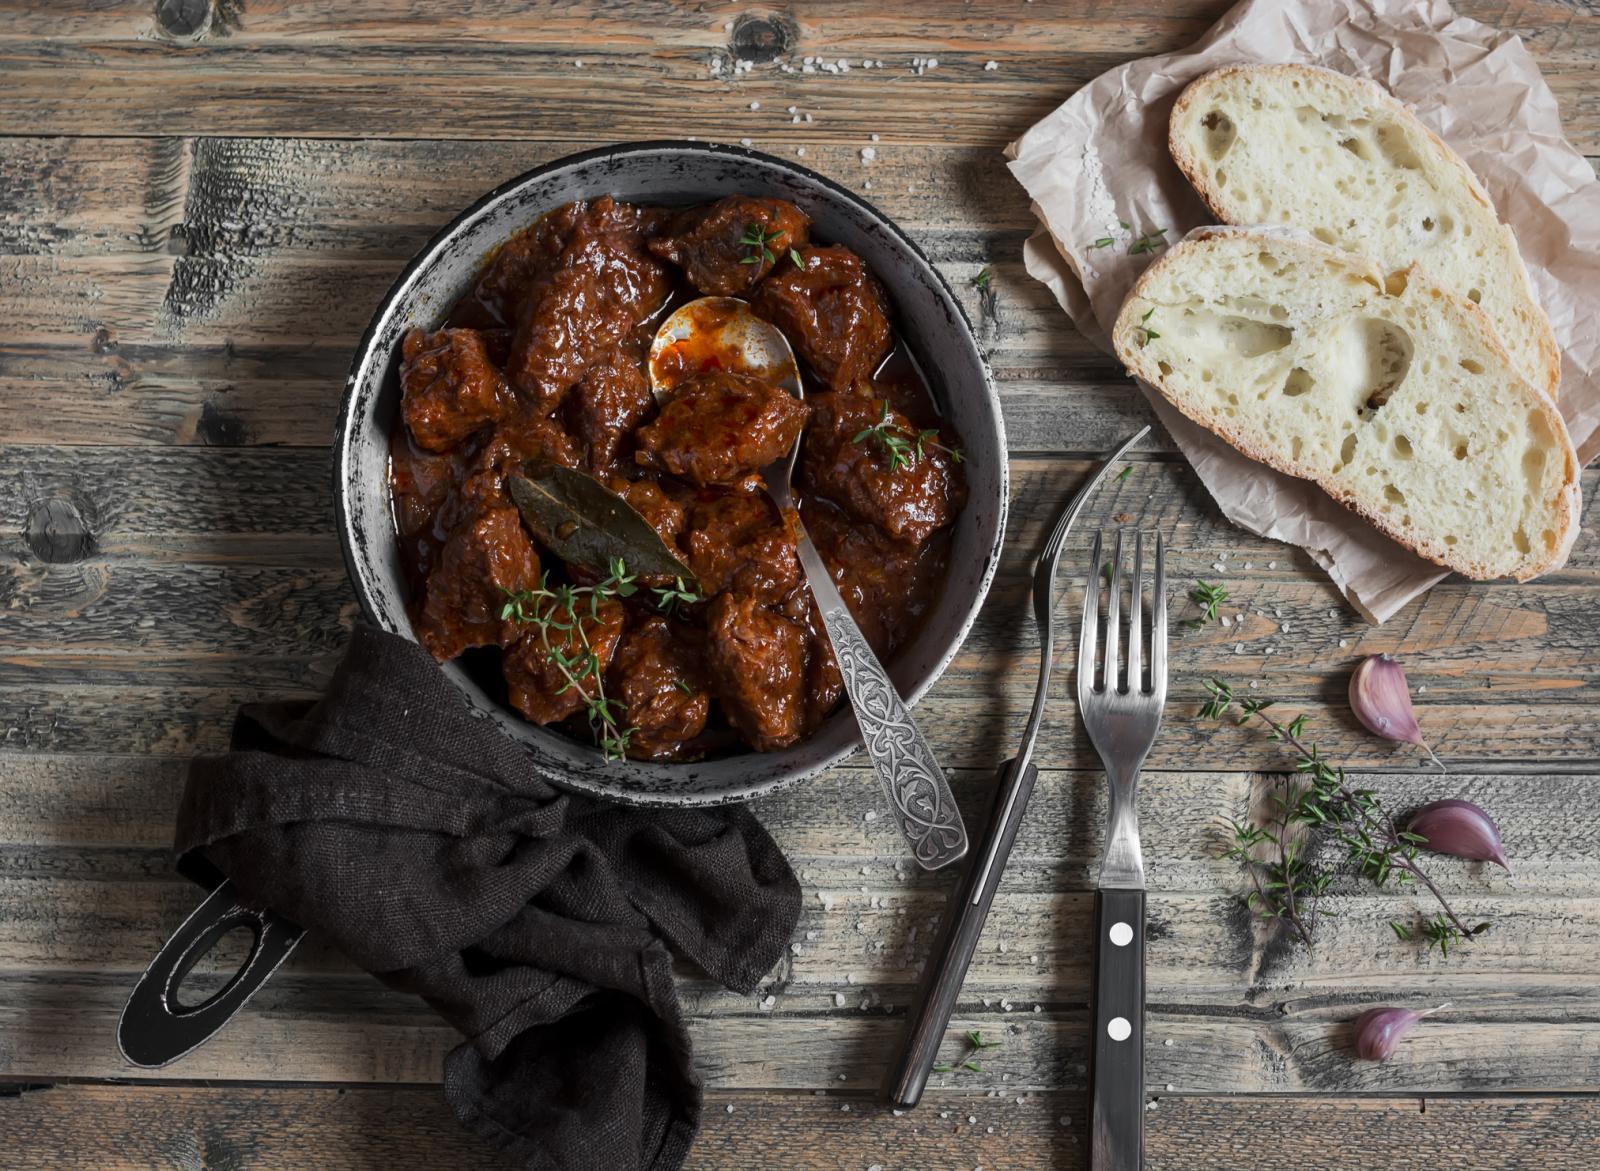 Suh ili svjež, list lovora odlično ide uz kuhana jela od mesa, pogotovo divljači.